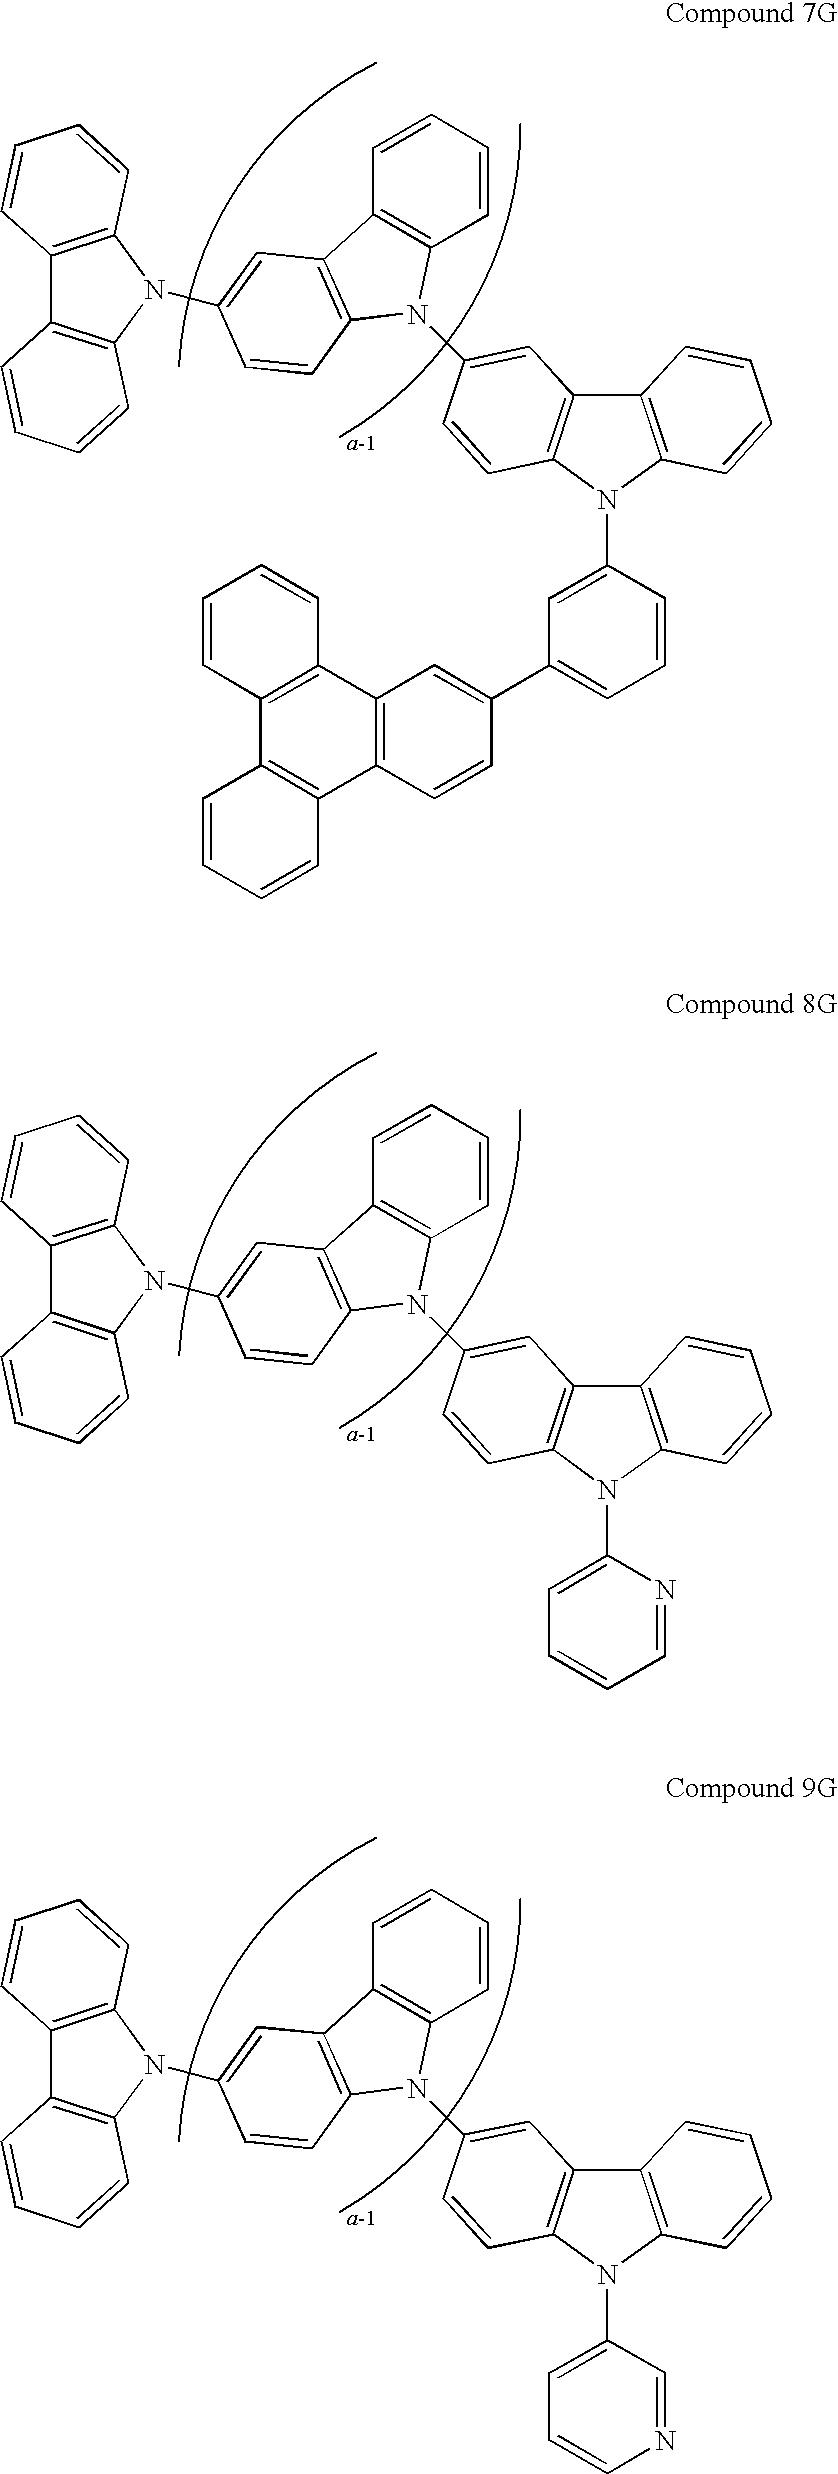 Figure US20090134784A1-20090528-C00146